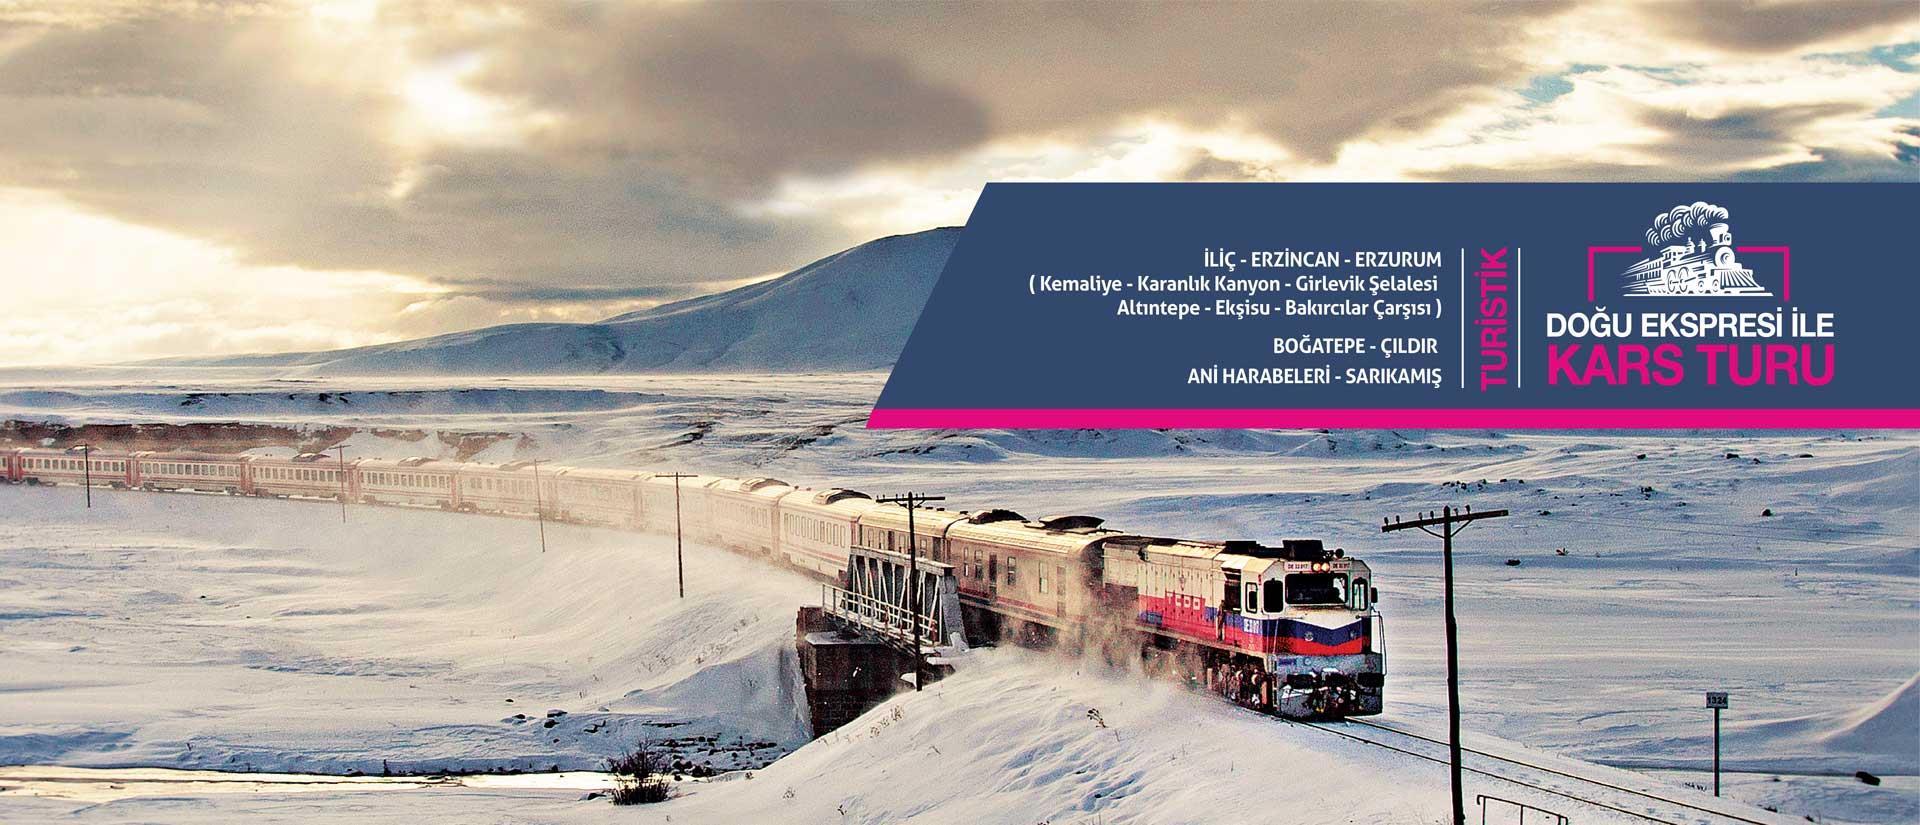 Turistik Doğu Ekspresiyle Kars Turu